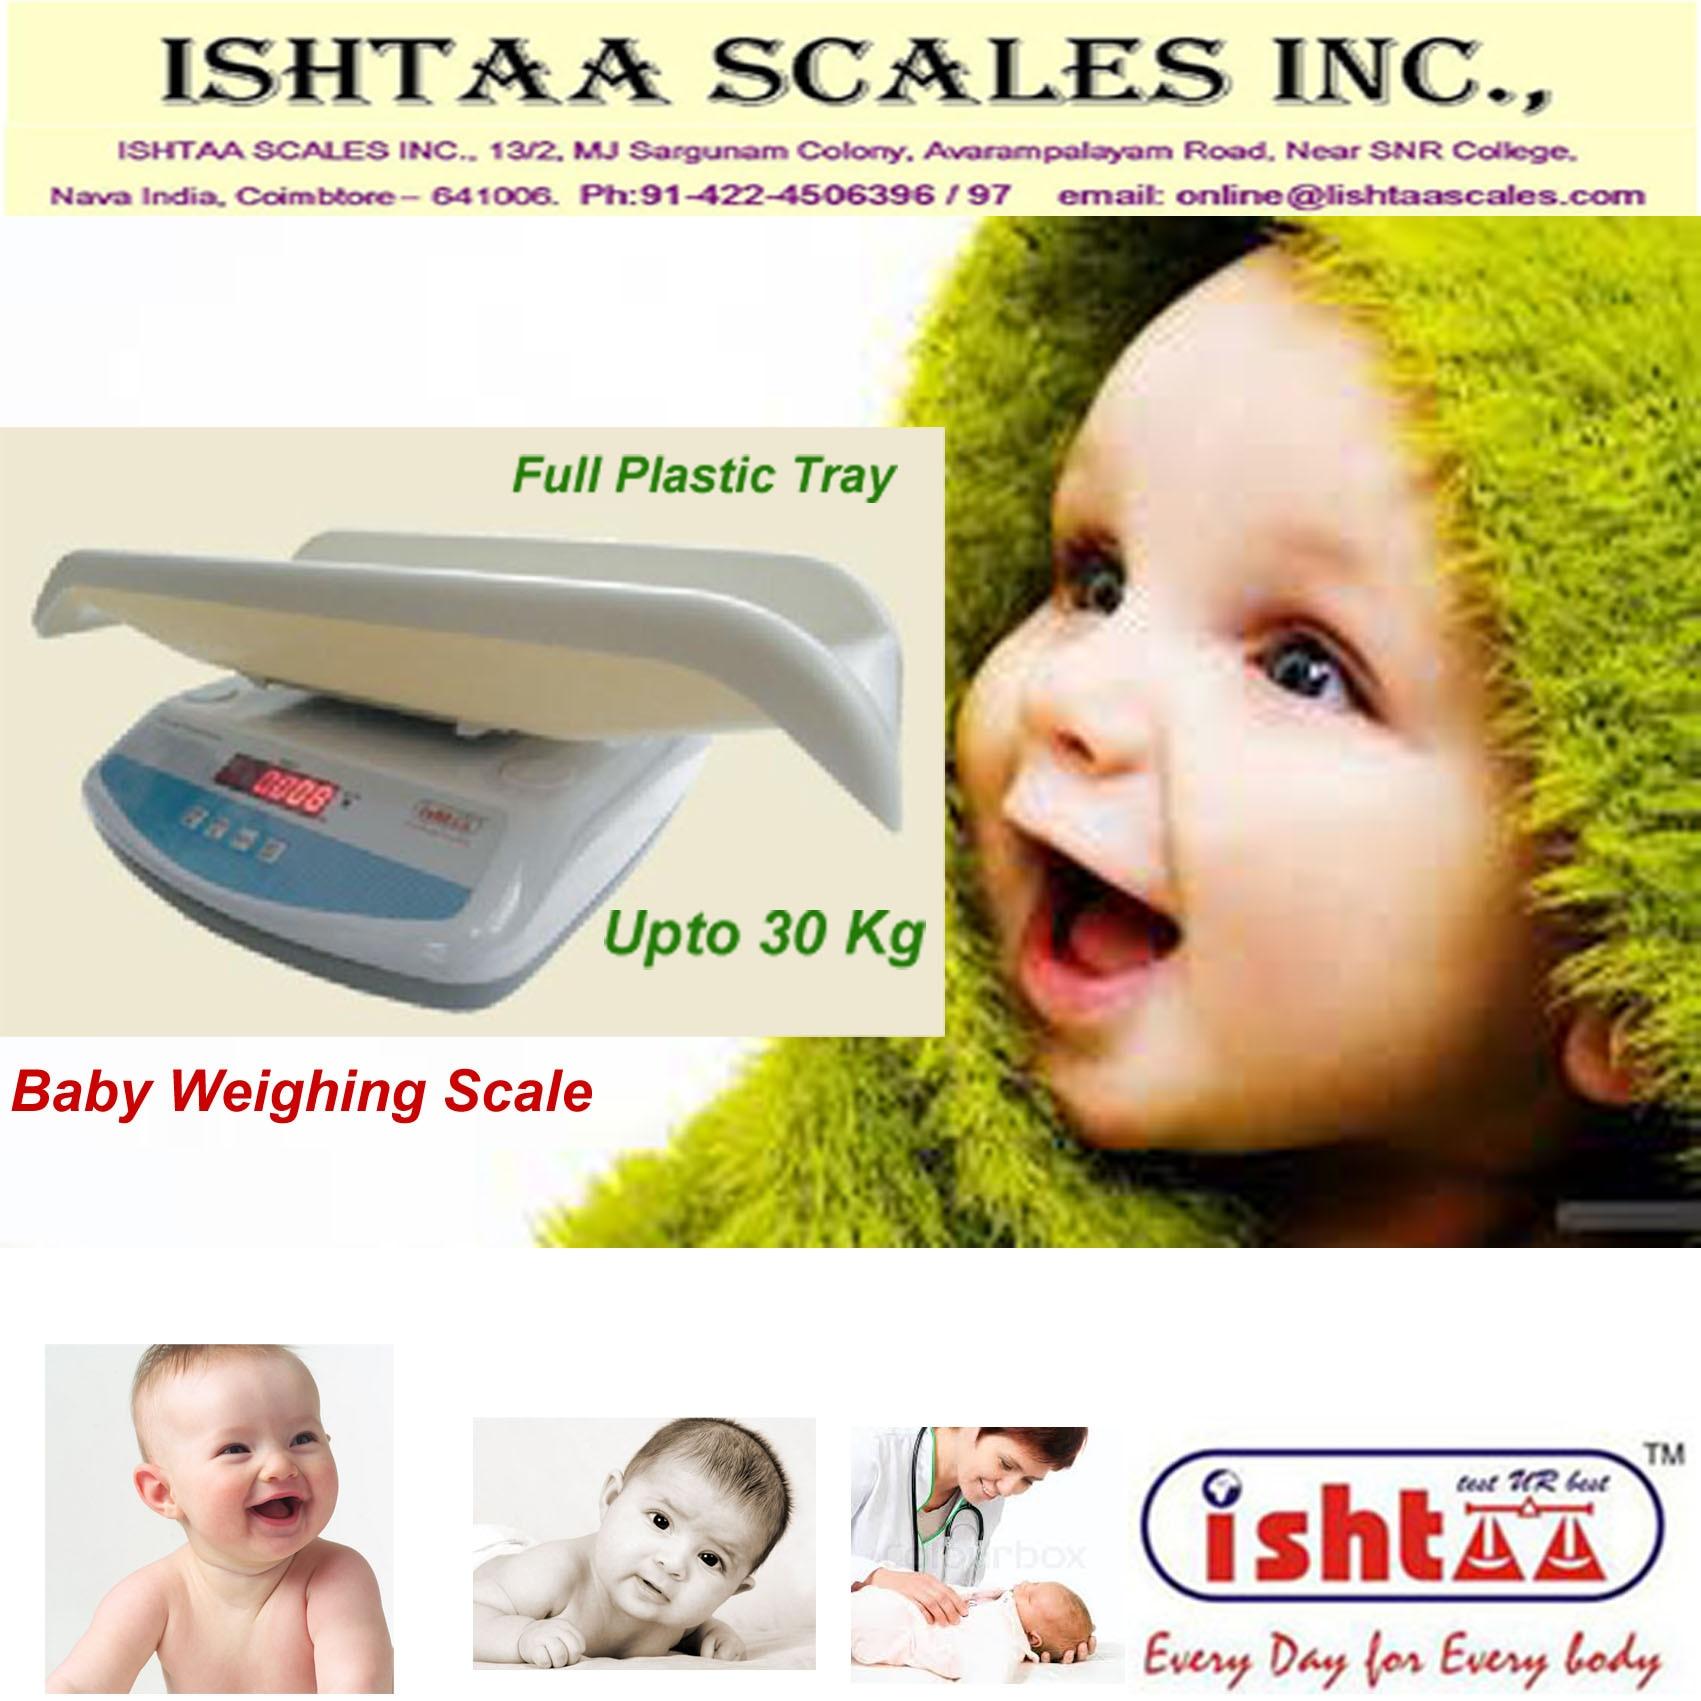 ISHTAA – Baby Weighing Scale  #BabyWeighing #HospitalWeighing #PediatricWeighing #NewbornWeighing #InfantWeighing #Babyweight #Kidsweighing #Clinicweighing #BabyPatient weighing #Childweighing #IshtaaWeighing #Scales #AccurateWeighing #AccurateScale #Weighing  Check in http : https://goo.gl/vwP7YR  Call : 098430 16028  Web: www.ishtaascales.com